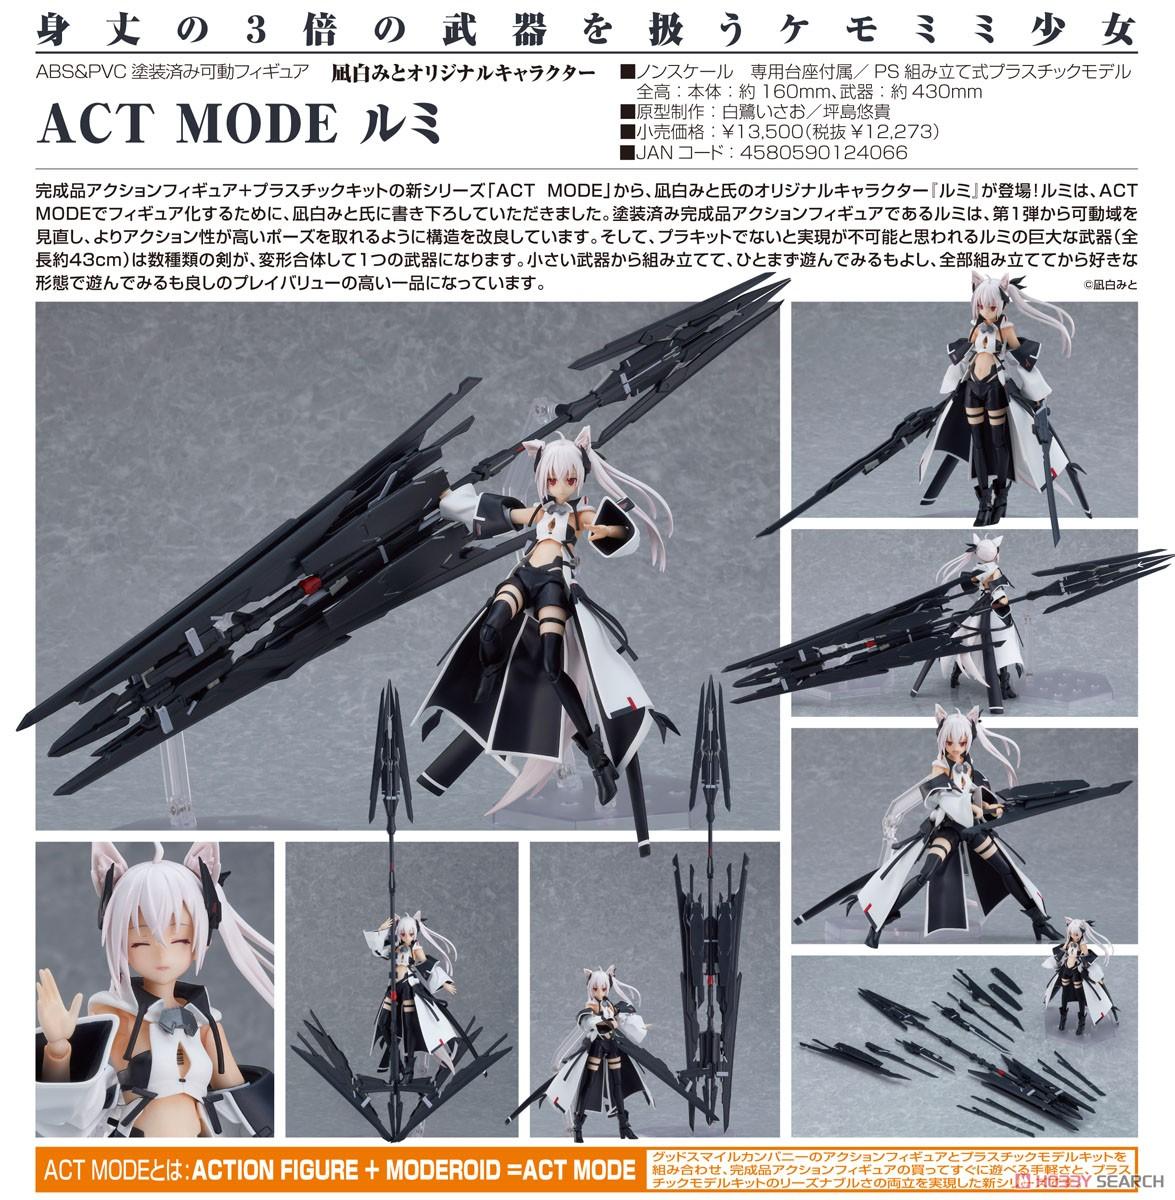 ACT MODE『凪白みとオリジナルキャラクター ルミ 』可動フィギュア&プラモデル-009